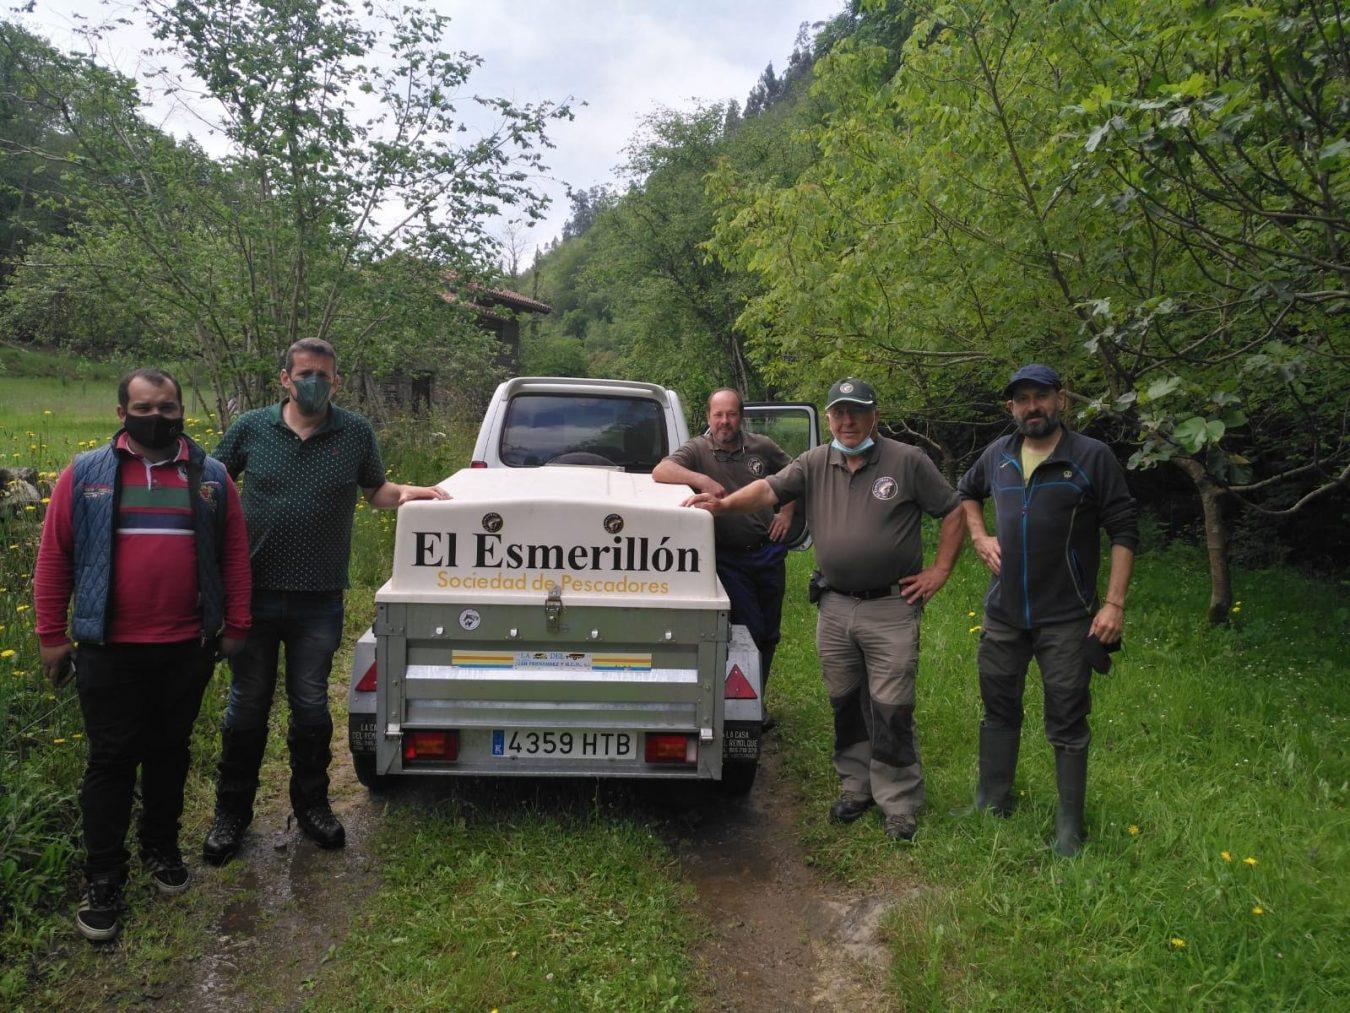 El Esmerillon suelta en Colunga los primeros 9.000 alevines de trucha correspondientes a la campaña de repoblación de este año